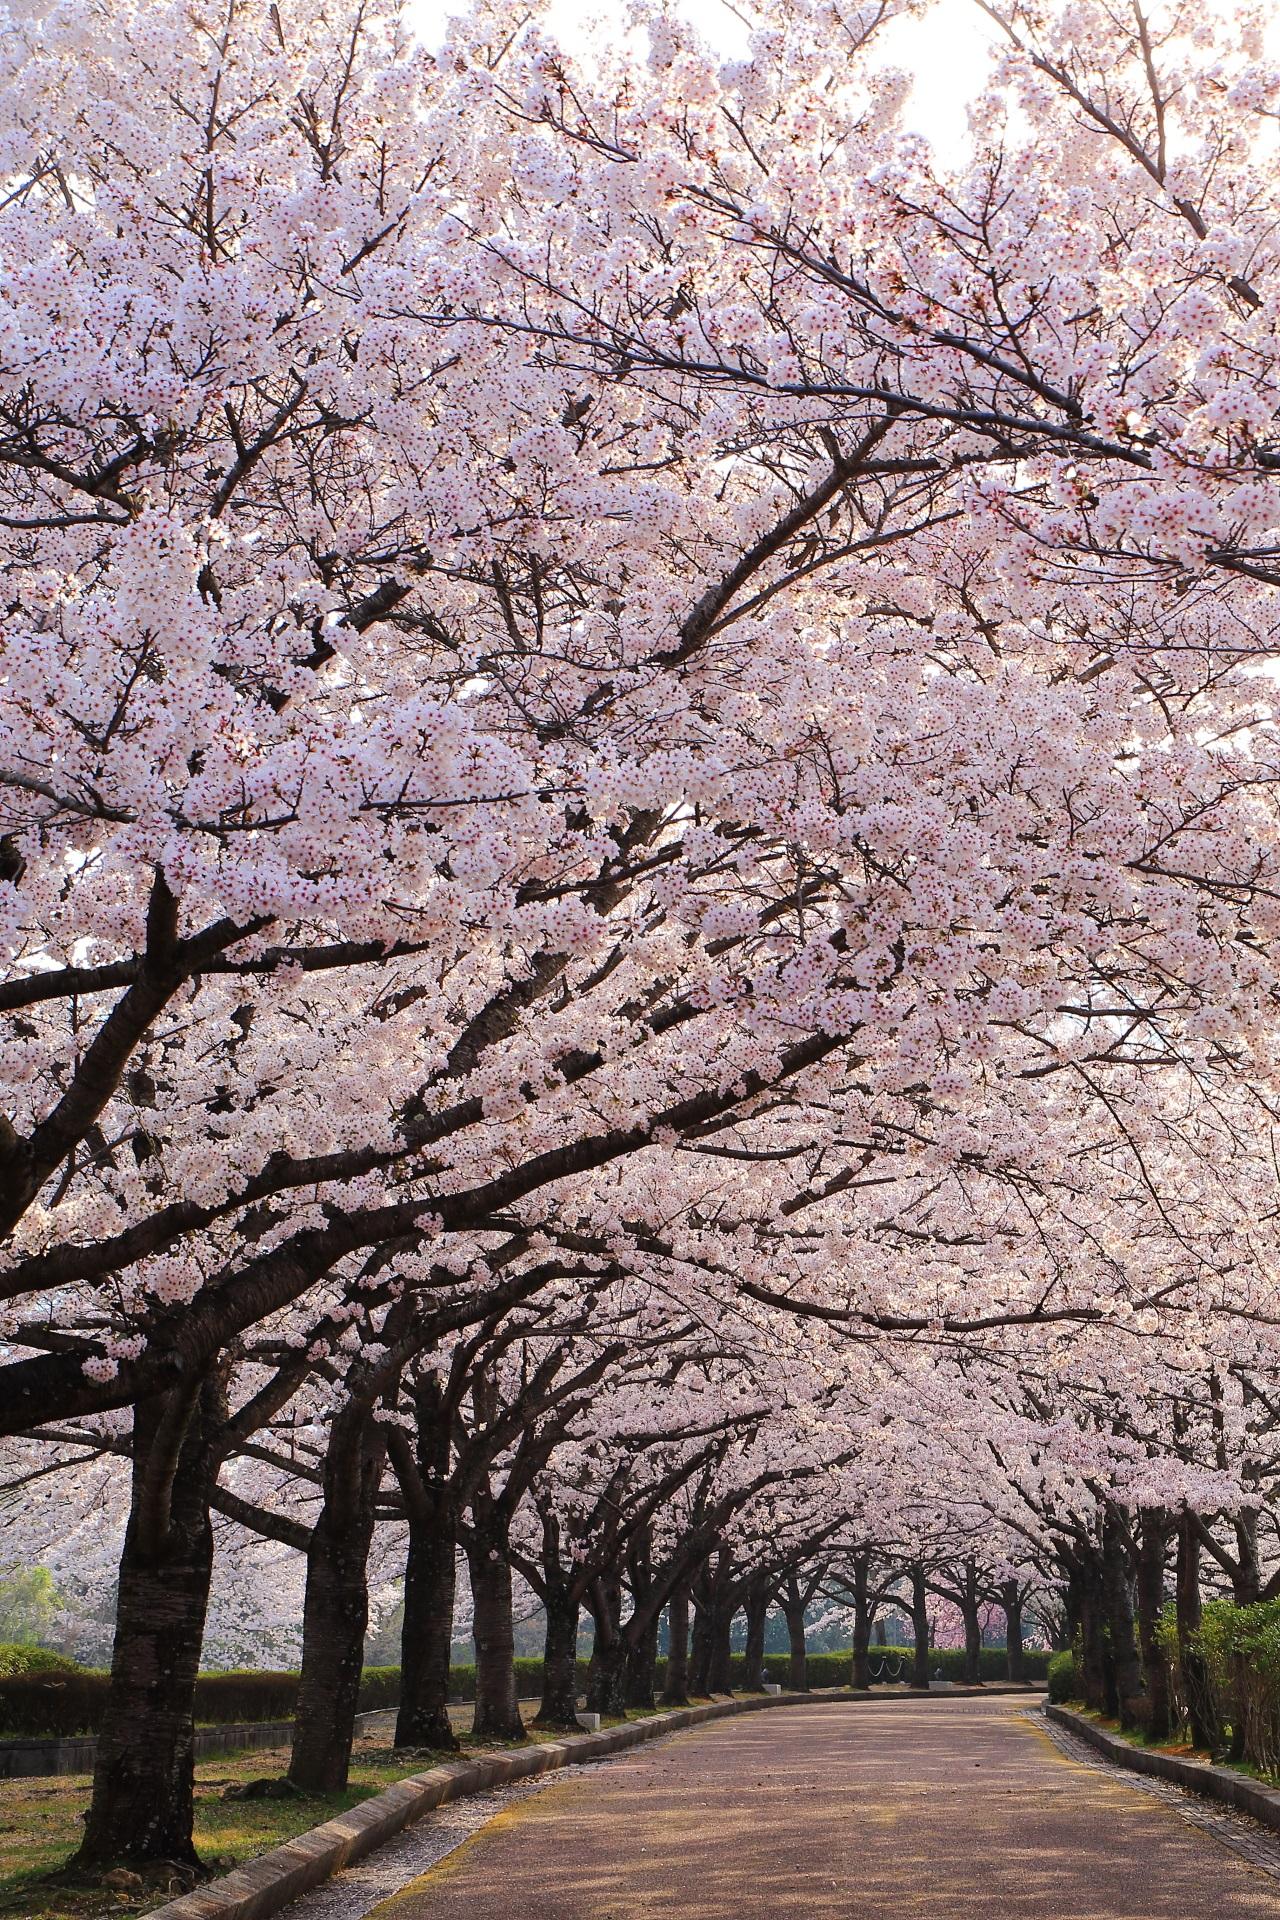 和らぎの道の素晴らしい桜と春の情景